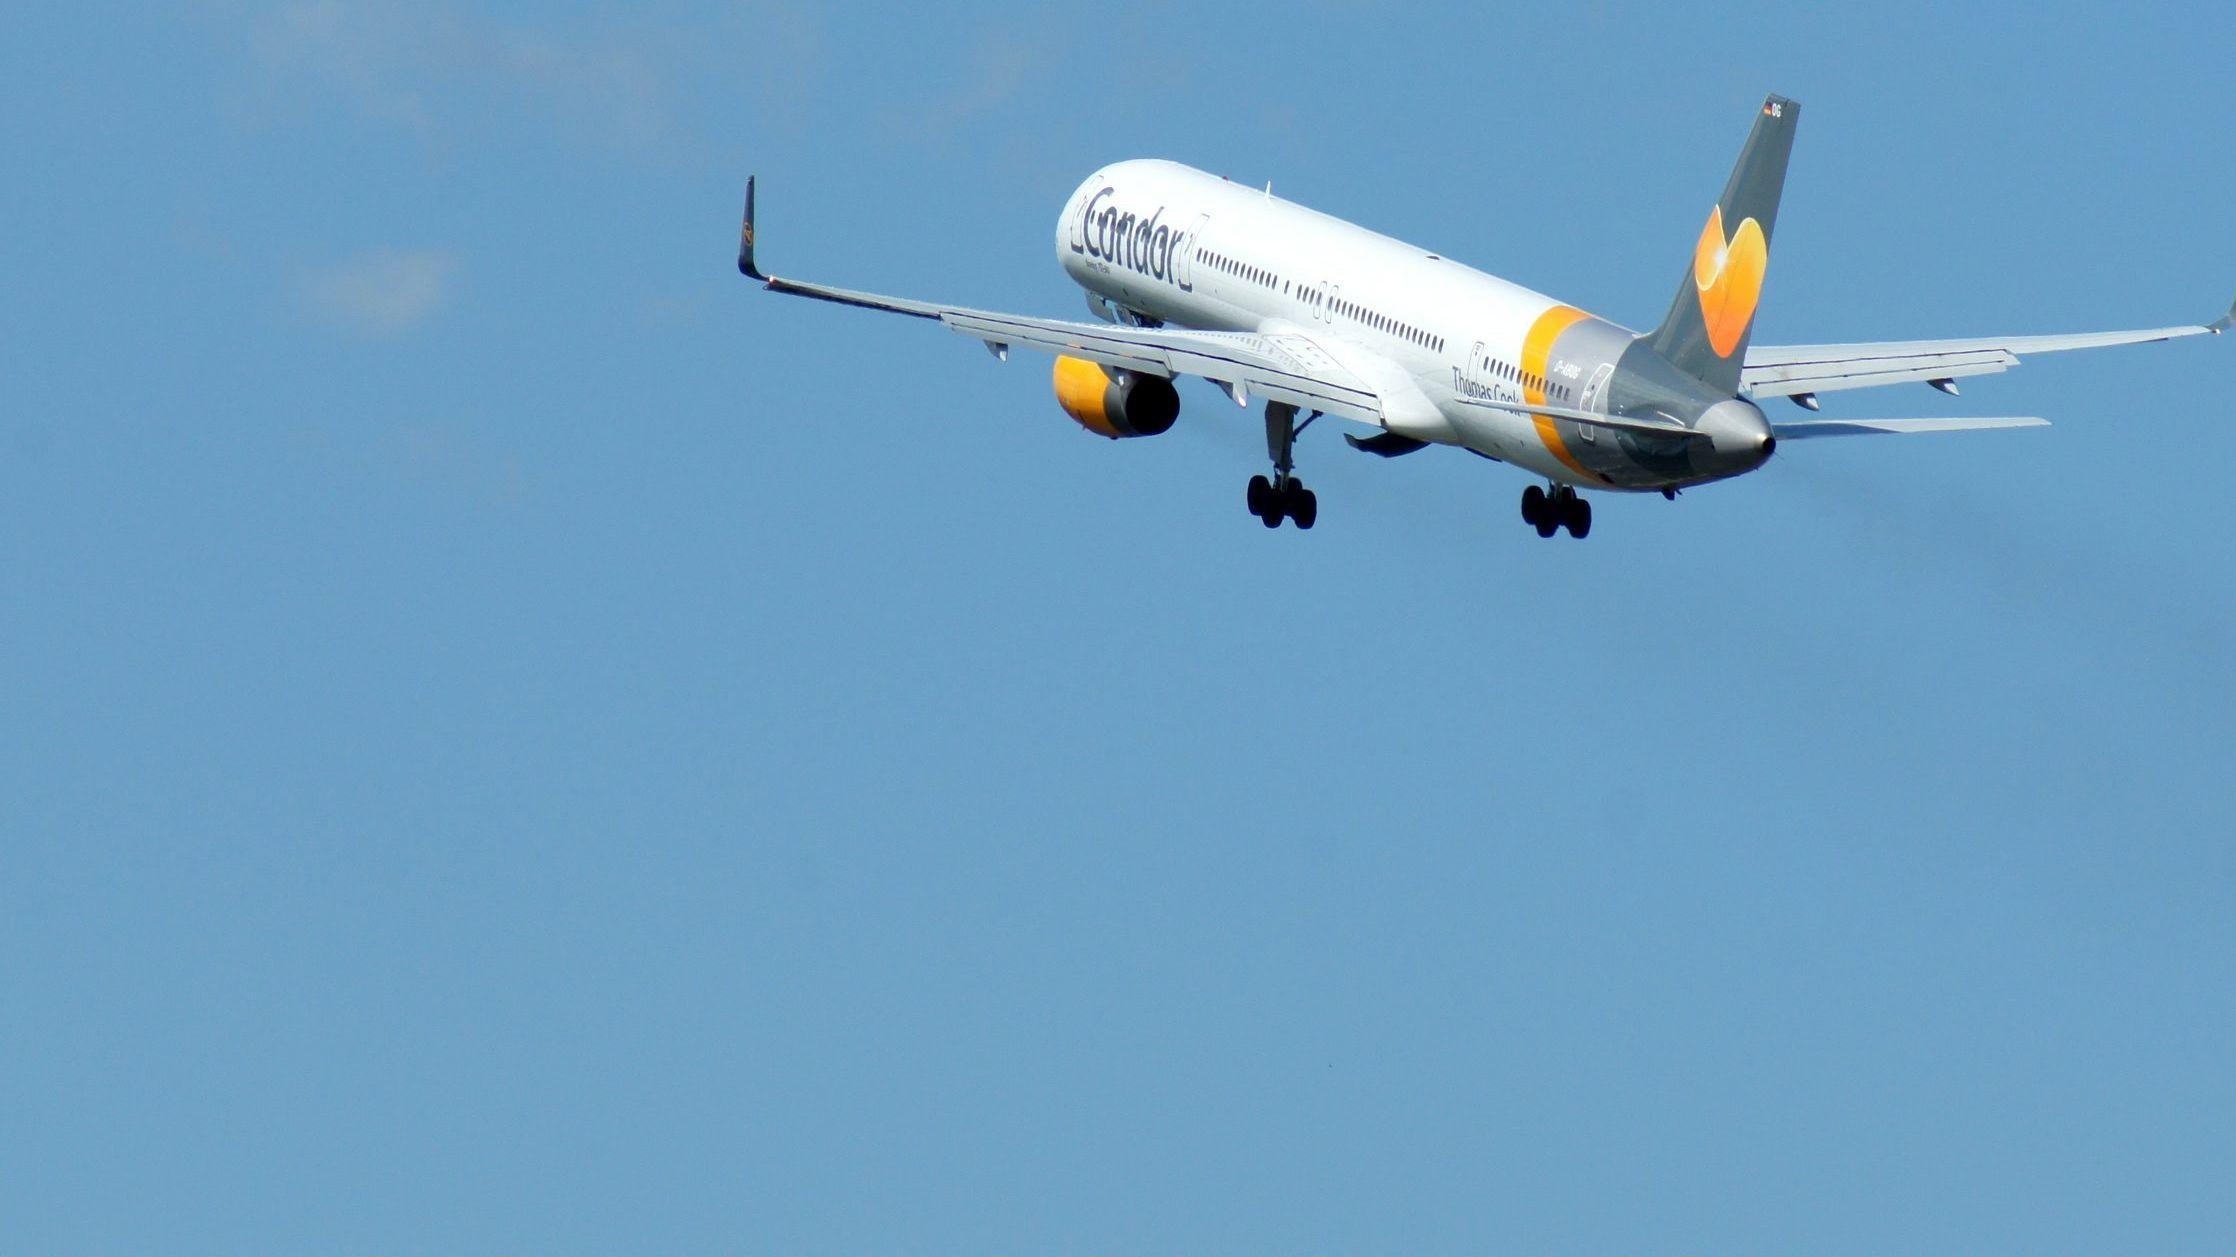 Eine Boeing 757-300 startet in Richtung Westen.